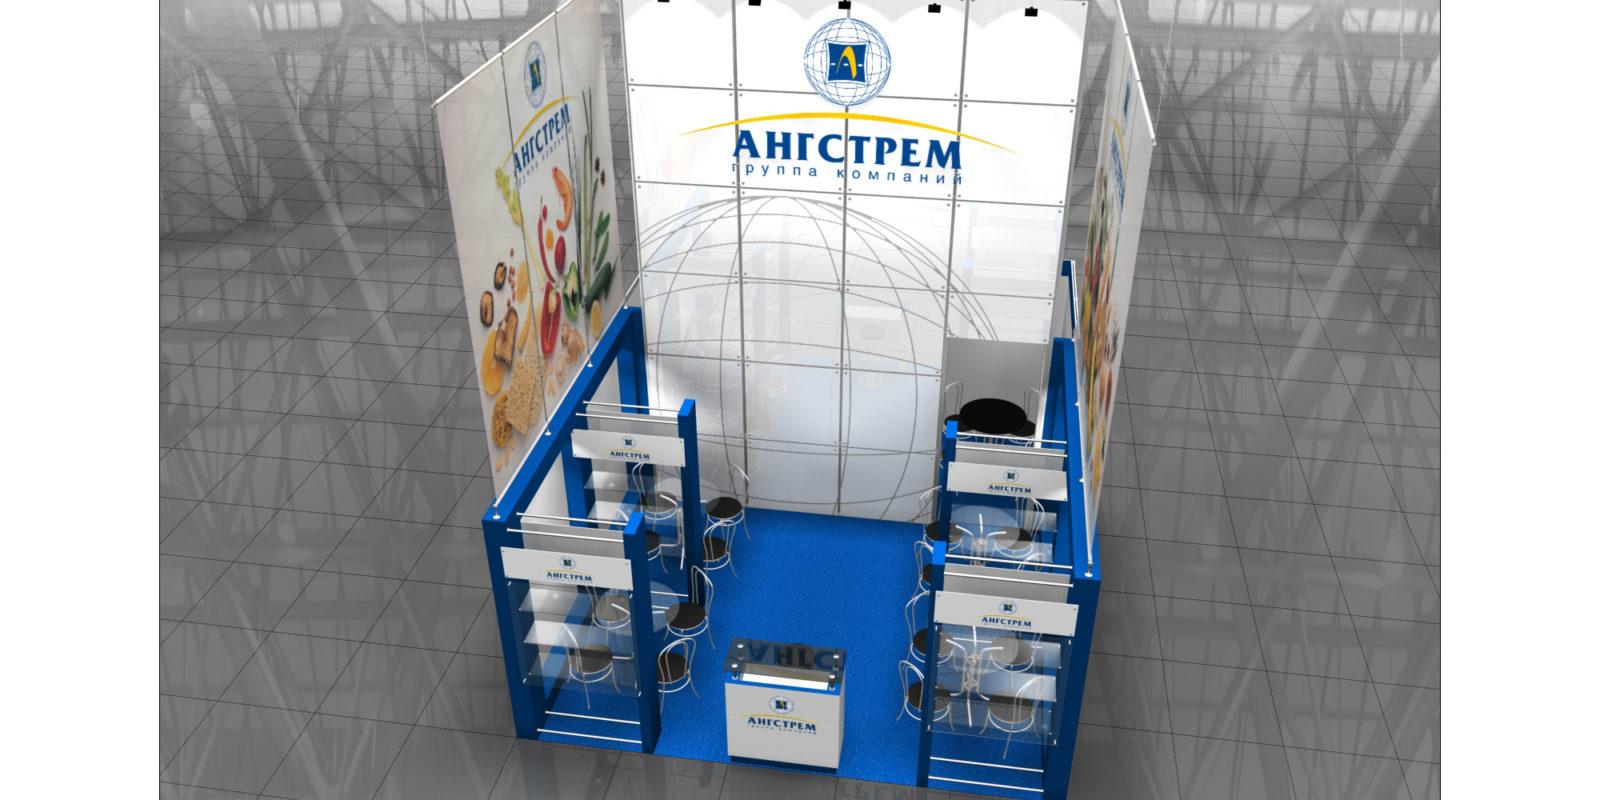 Дизайн проект выставочного стенда группа компаний Ангстрем.